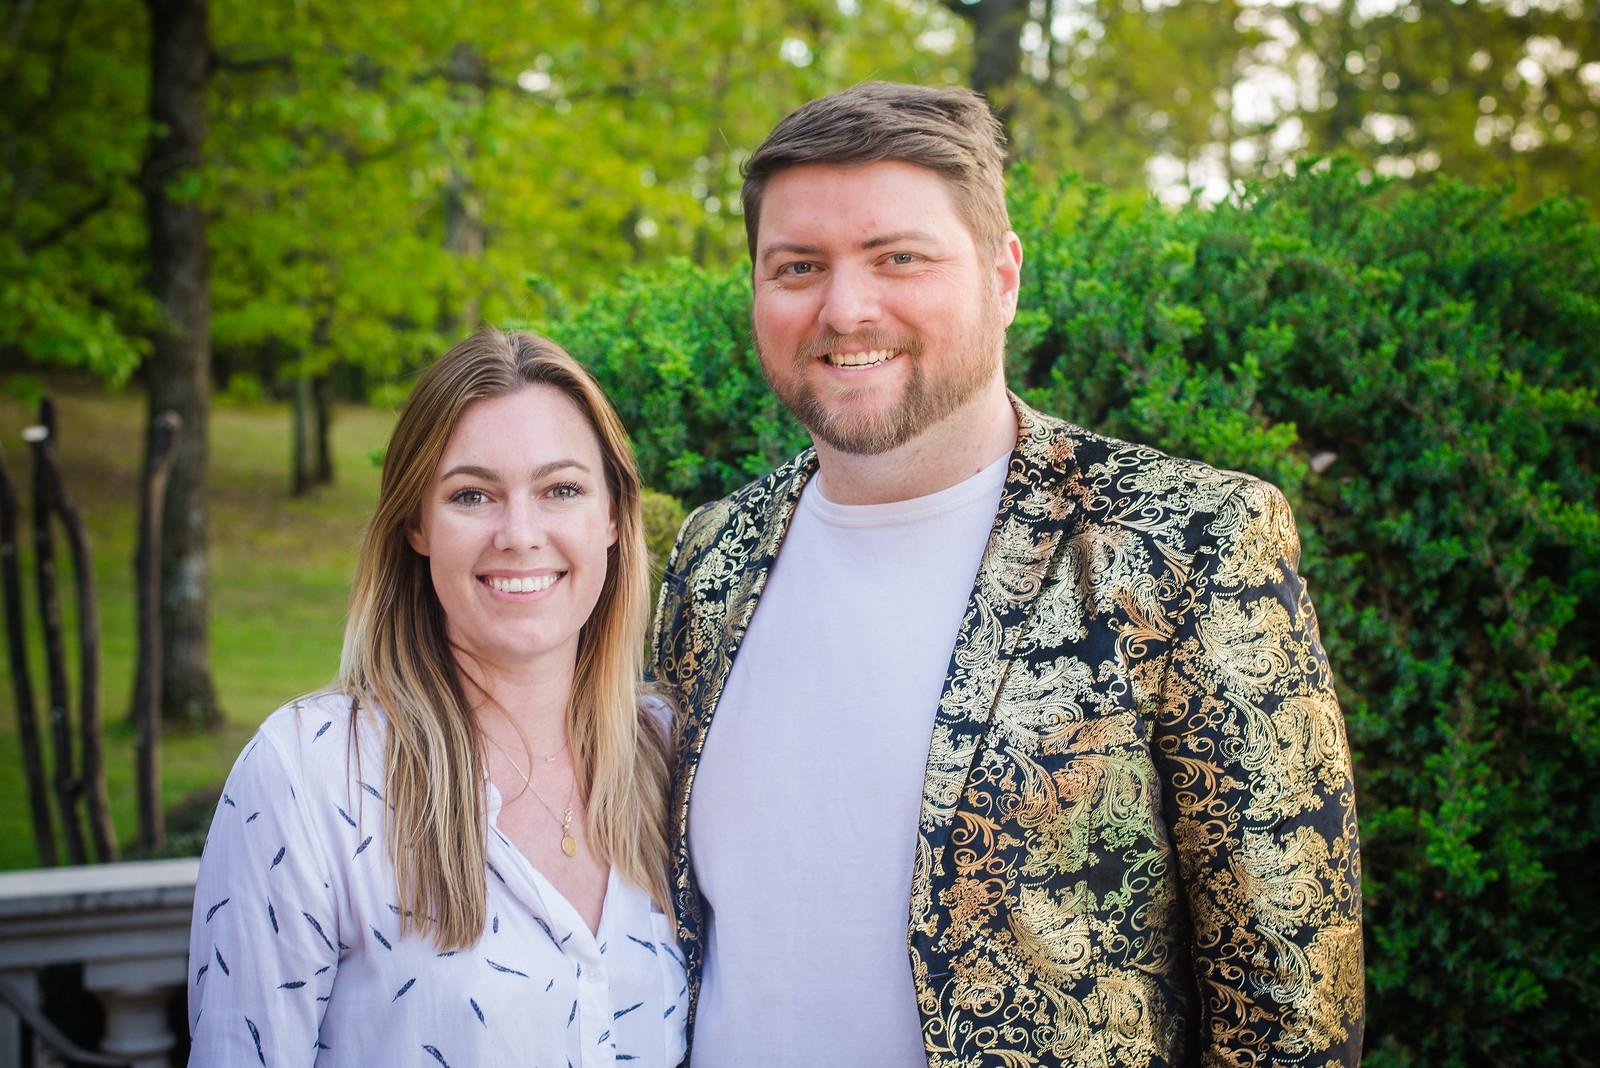 Tiffany Mattzela & Jake Eddington